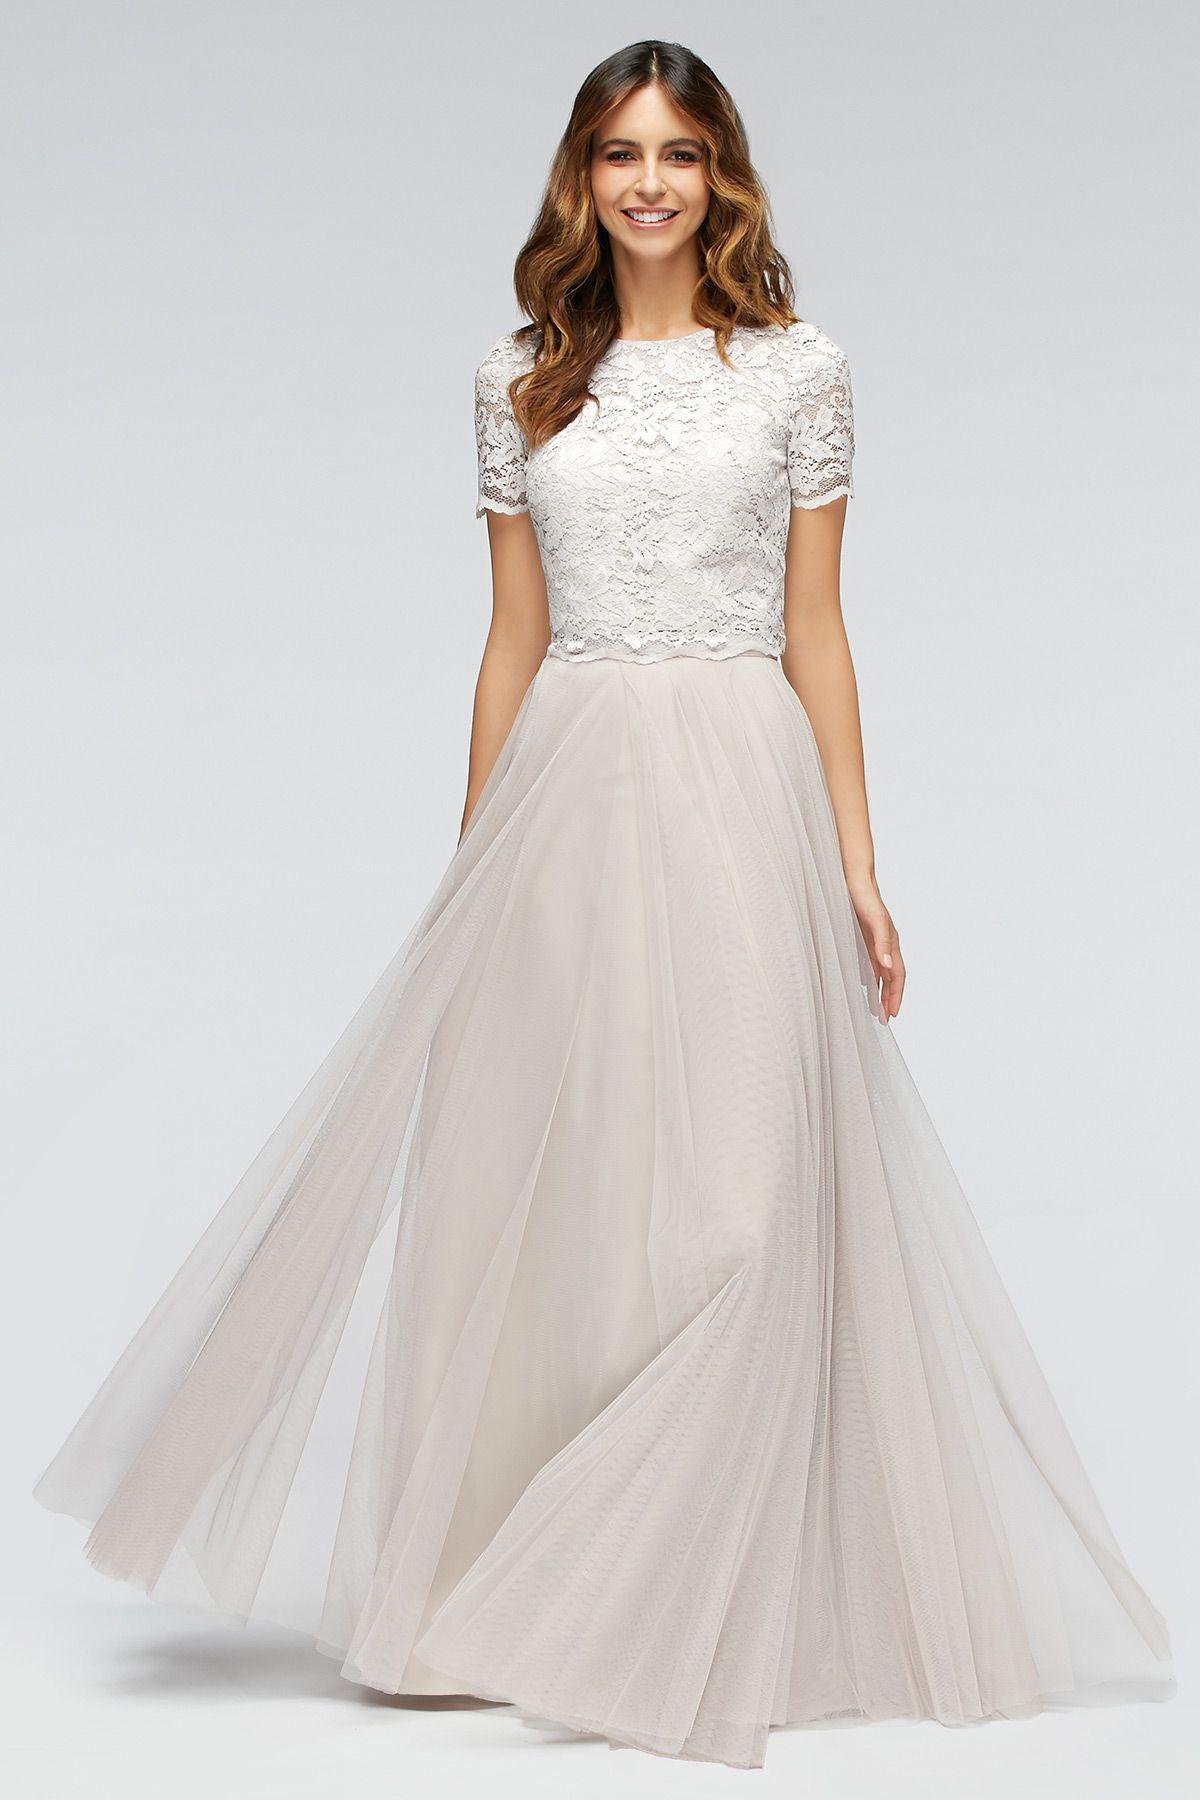 Fleur top the dress pinterest maids wedding dress and weddings